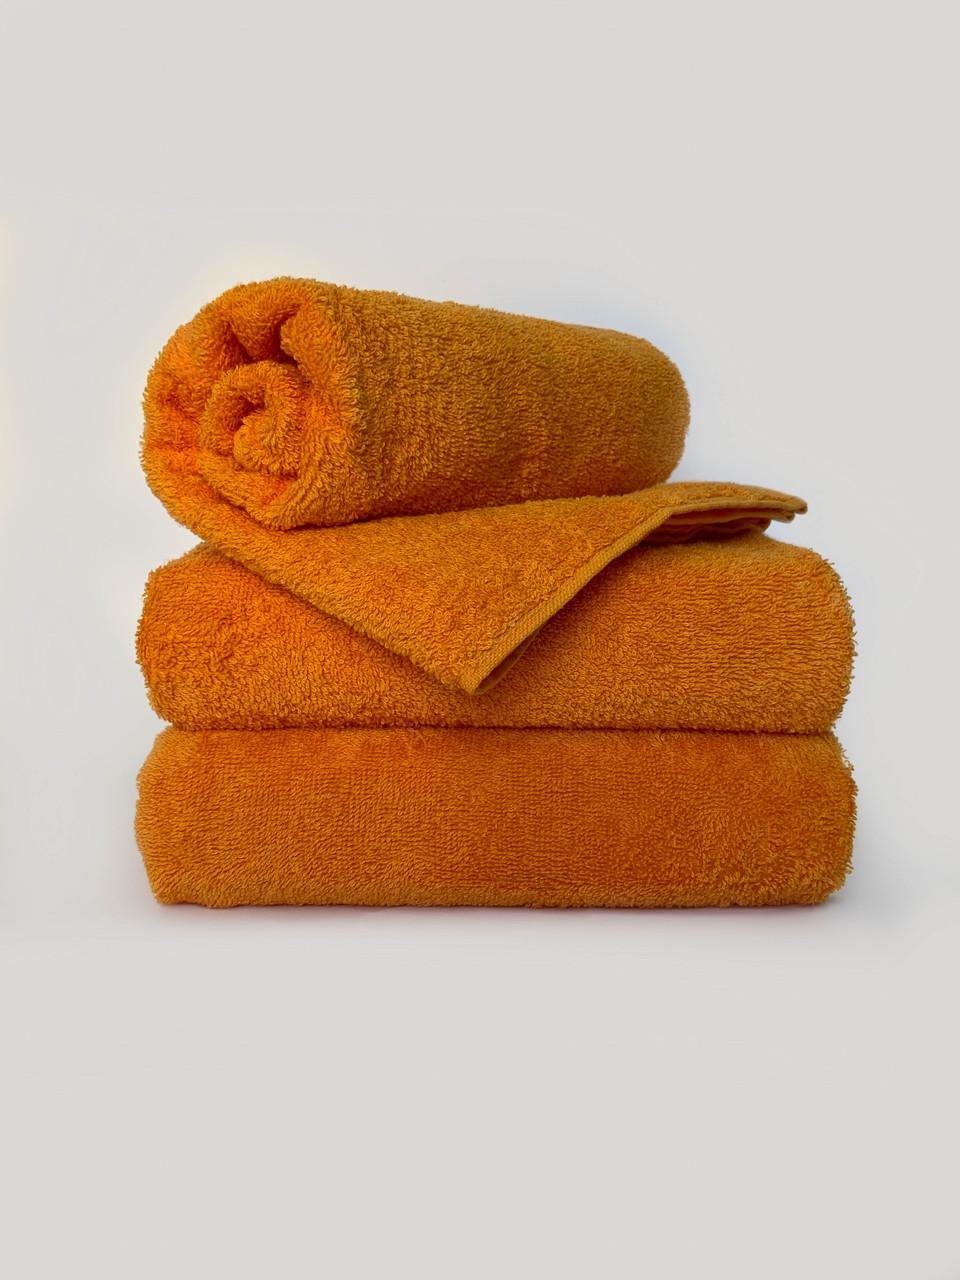 Махровое полотенце для лица, Туркменистан, 430 гр\м2, оранжевое, 50*90 см